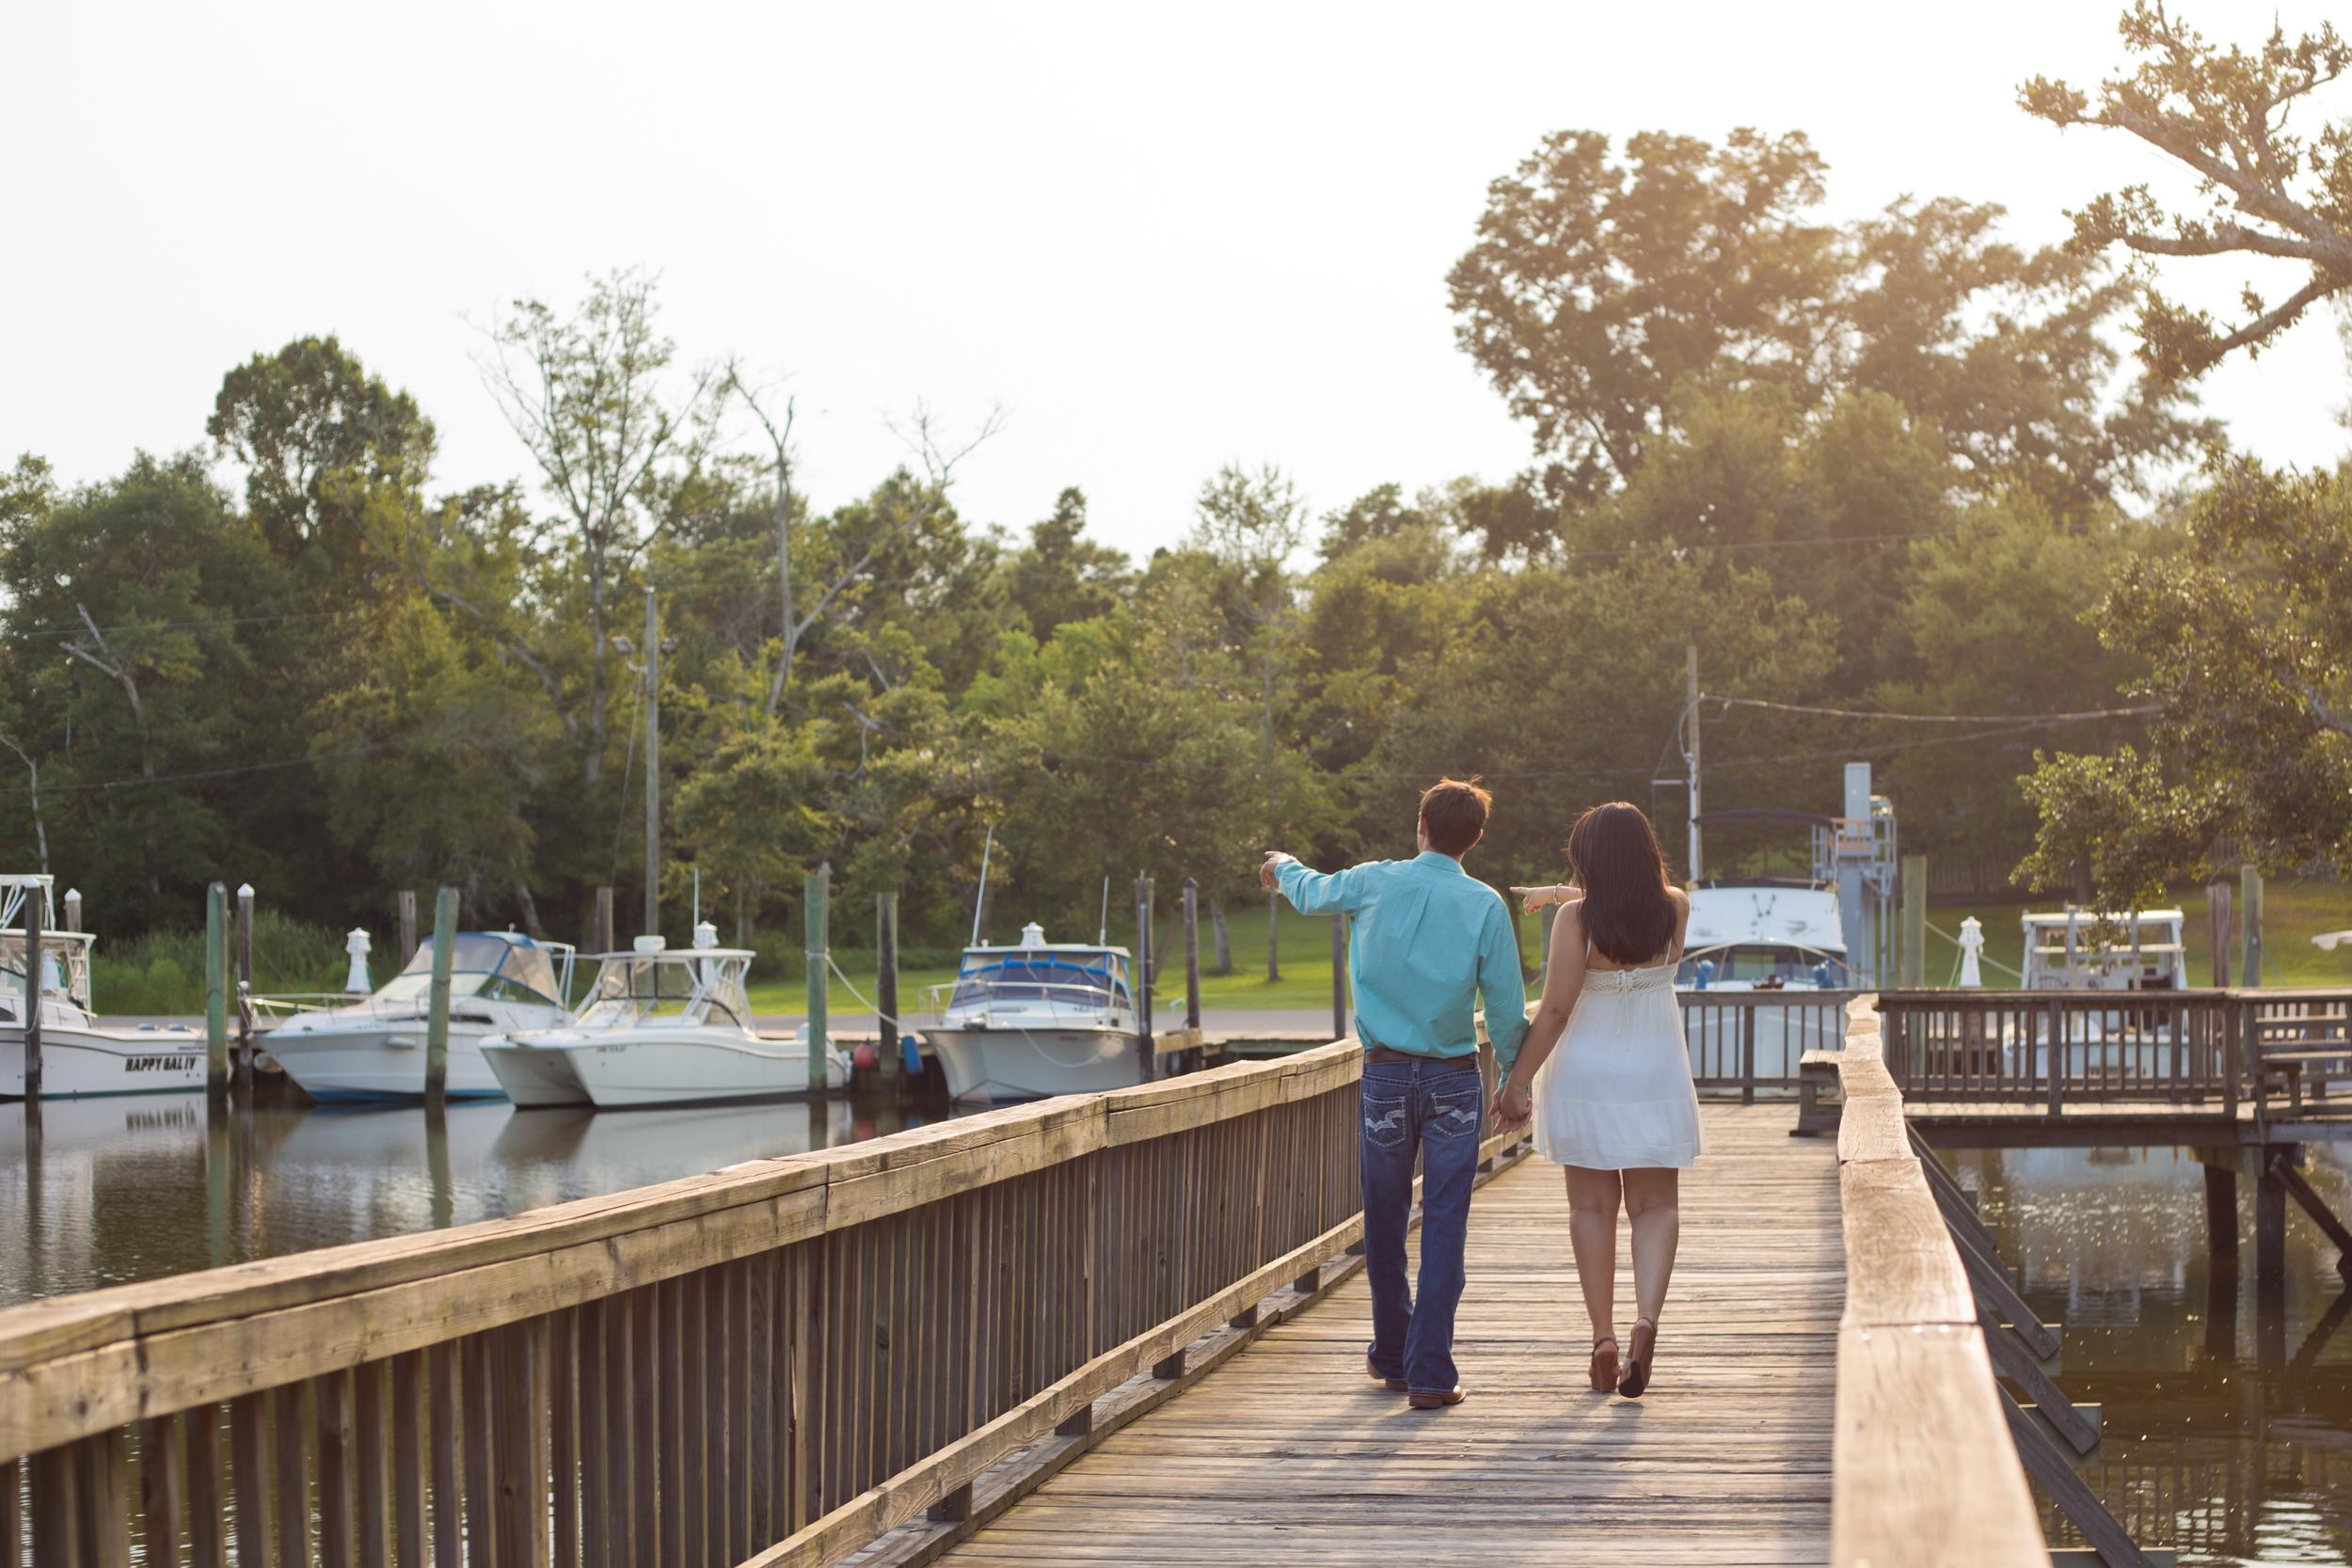 couple walking on boat dock, Inner Harbor Park, Ocean Springs